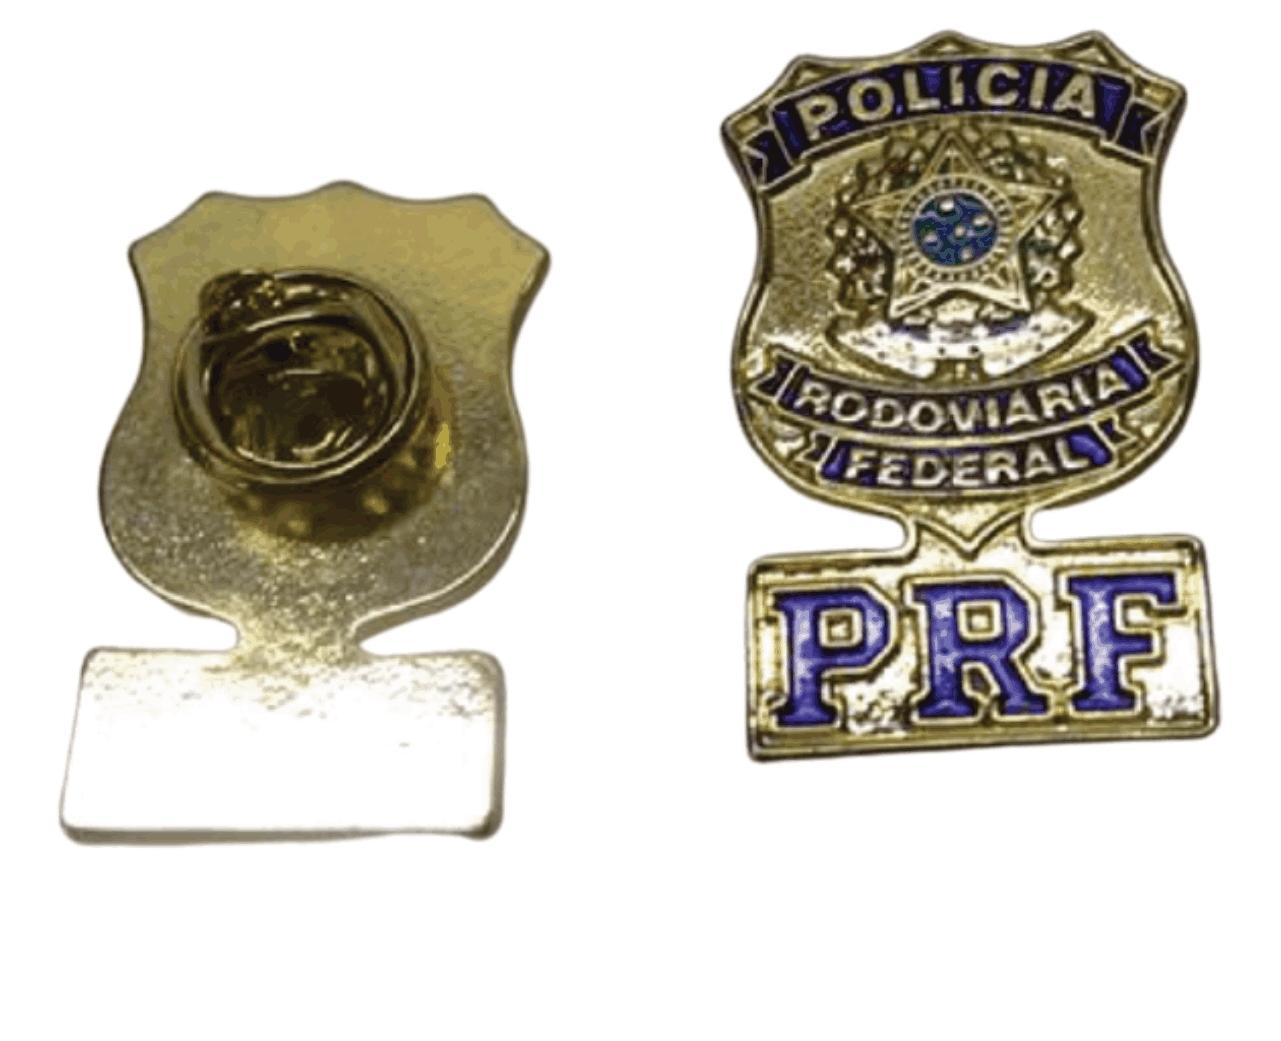 PRF 02 BOTON EM FUNDIÇÃO - Foto 1